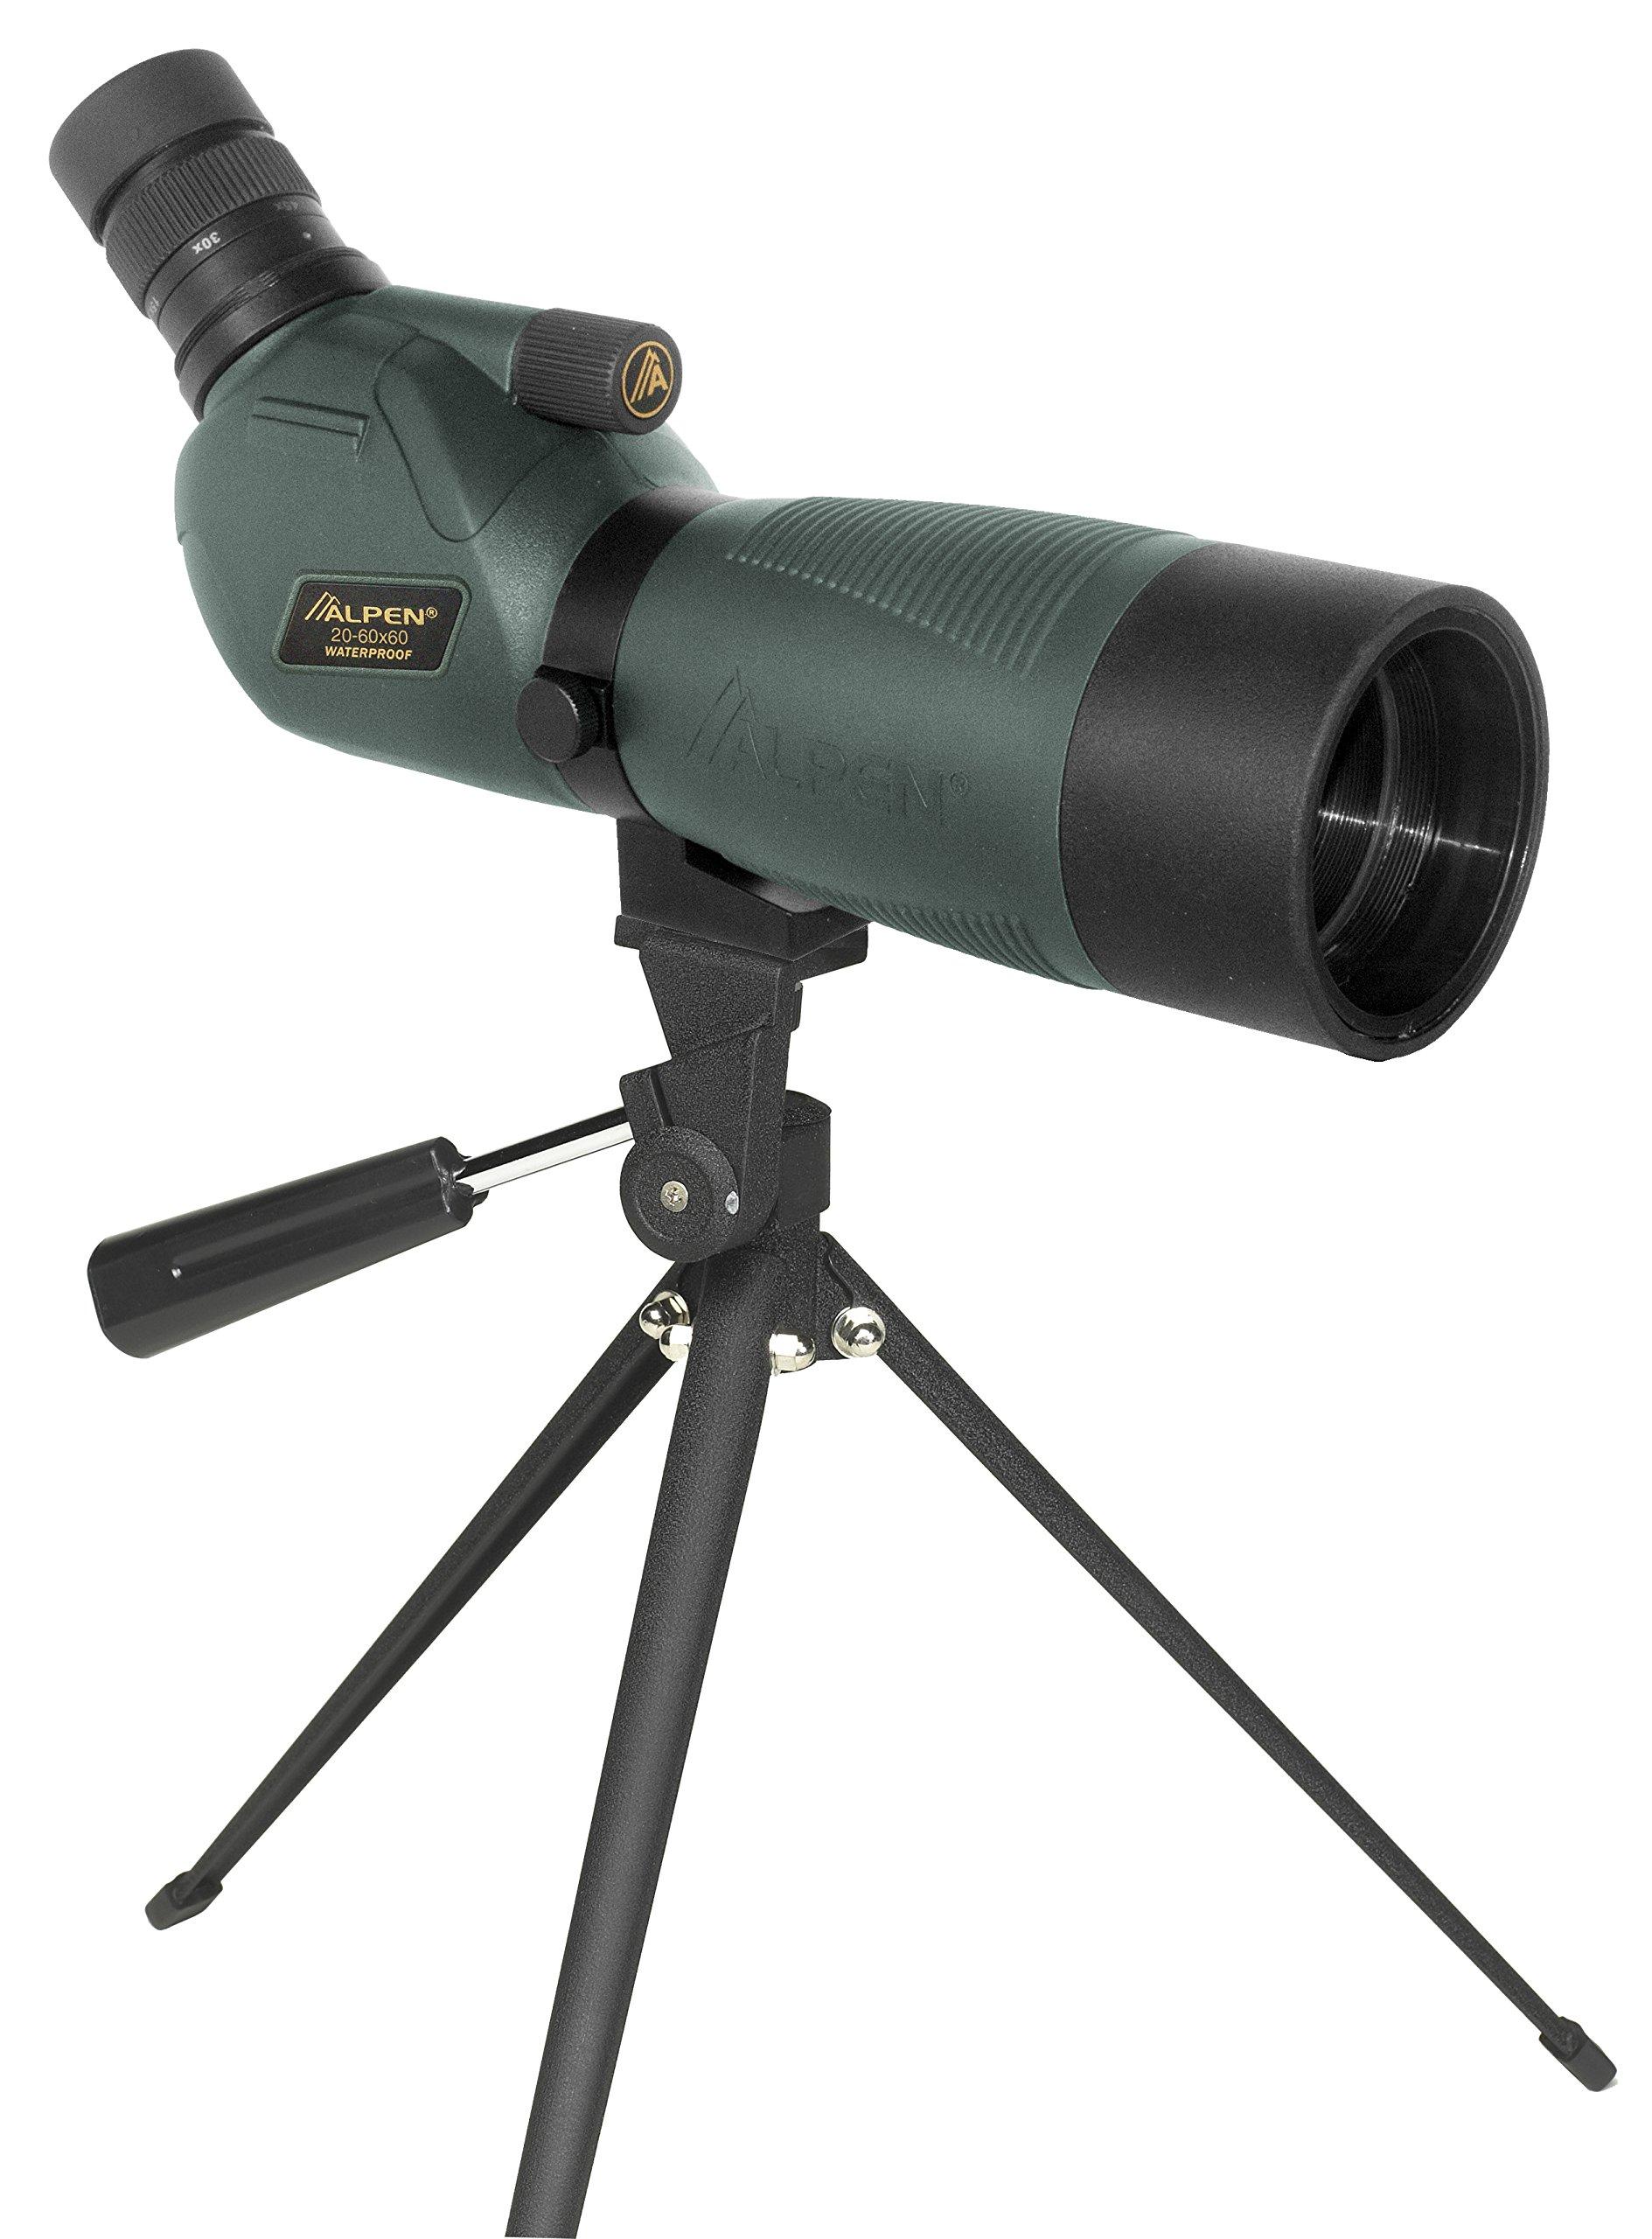 Alpen Optics 20-60x60 w/45 deg eyepiece Waterproof Fogproof Spotting Scope